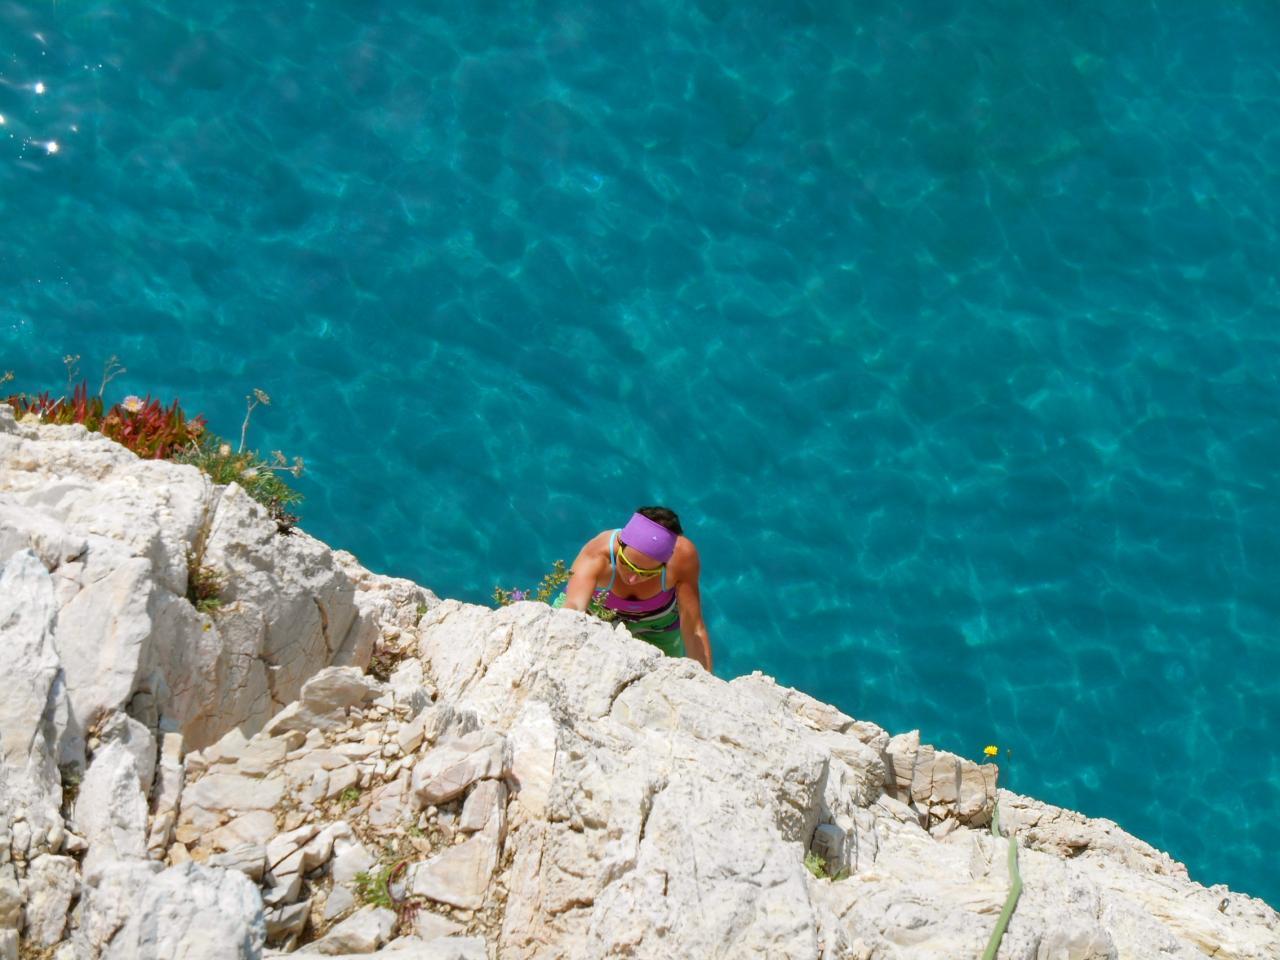 A picture from Capo Noli by Lucia Prosino